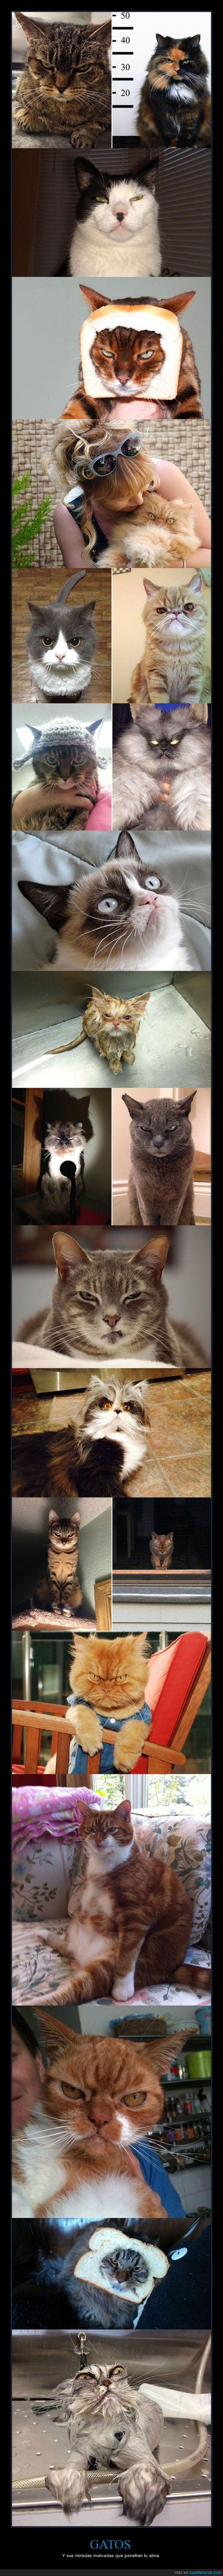 enfadado,enojado,gato,genial,malvado,mirada